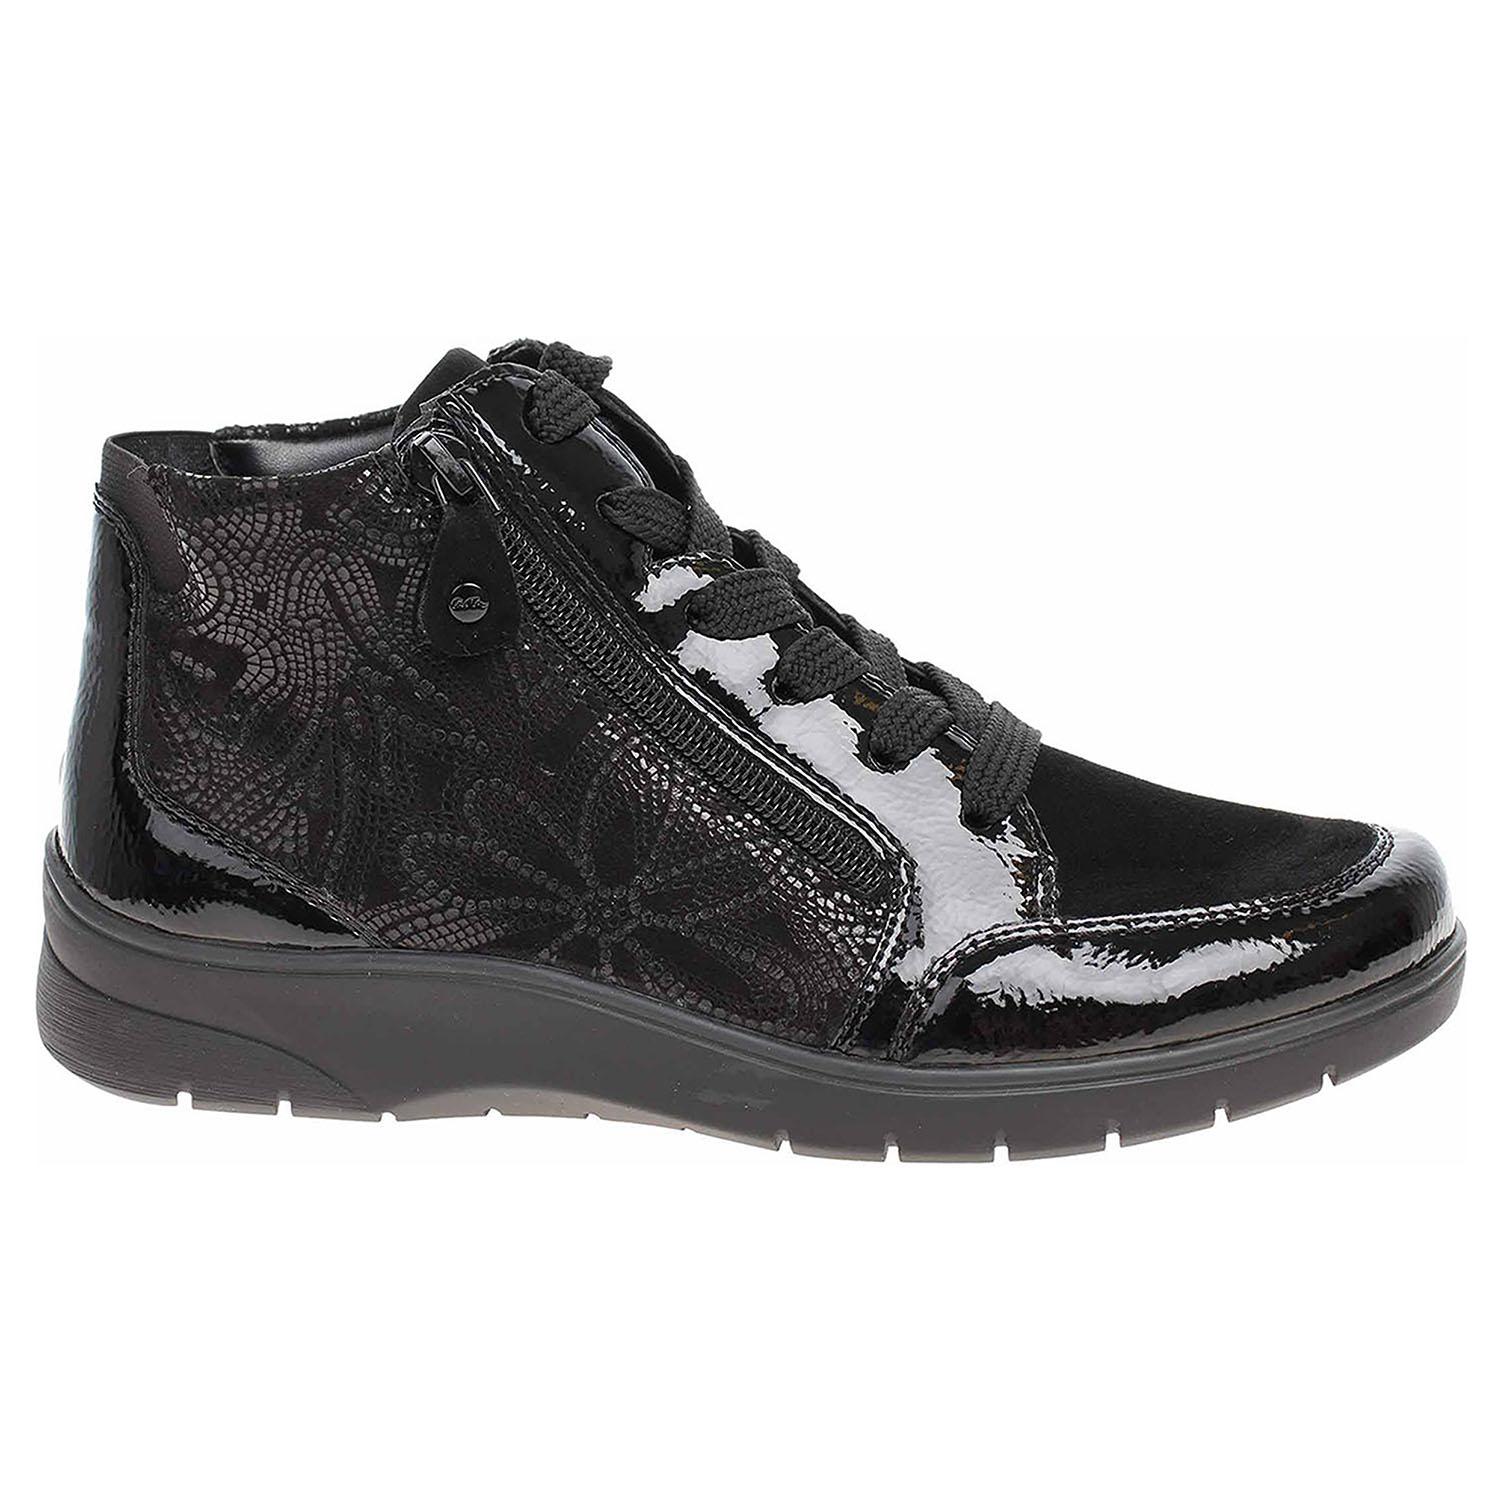 Dámská kotníková obuv Ara 12-41048-71 schwarz 12-41048-71 40